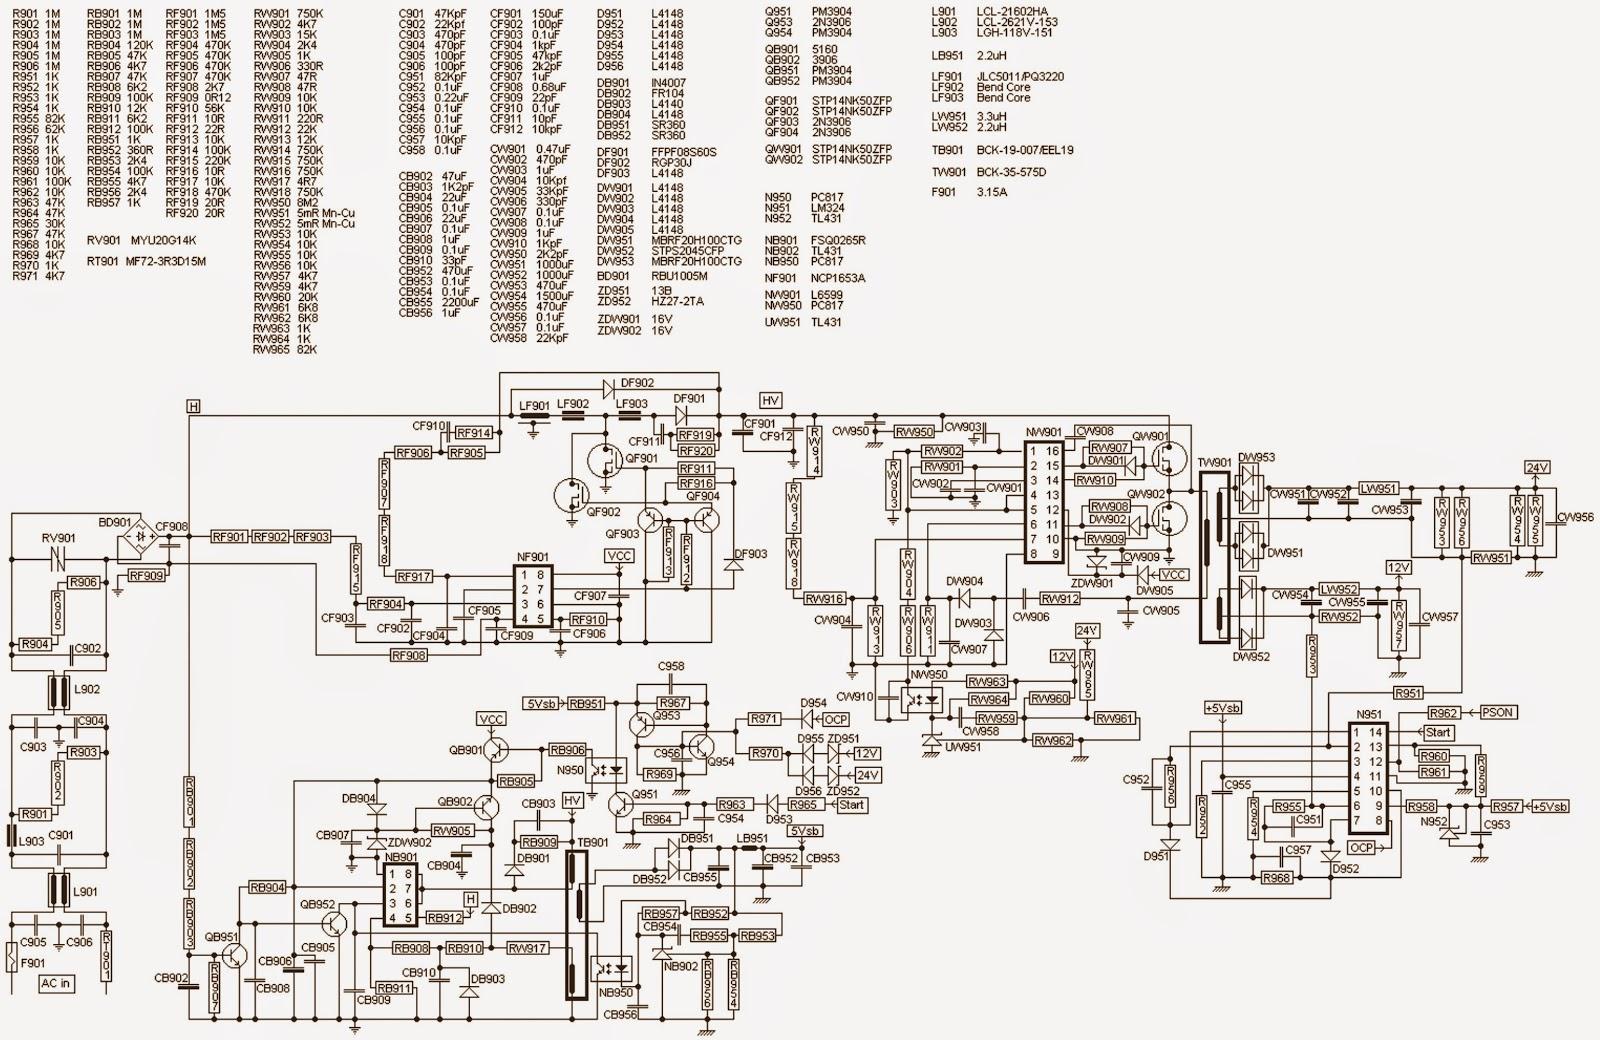 Electro Help  Toshiba Lc-1945w  U2013 Lc-2245w